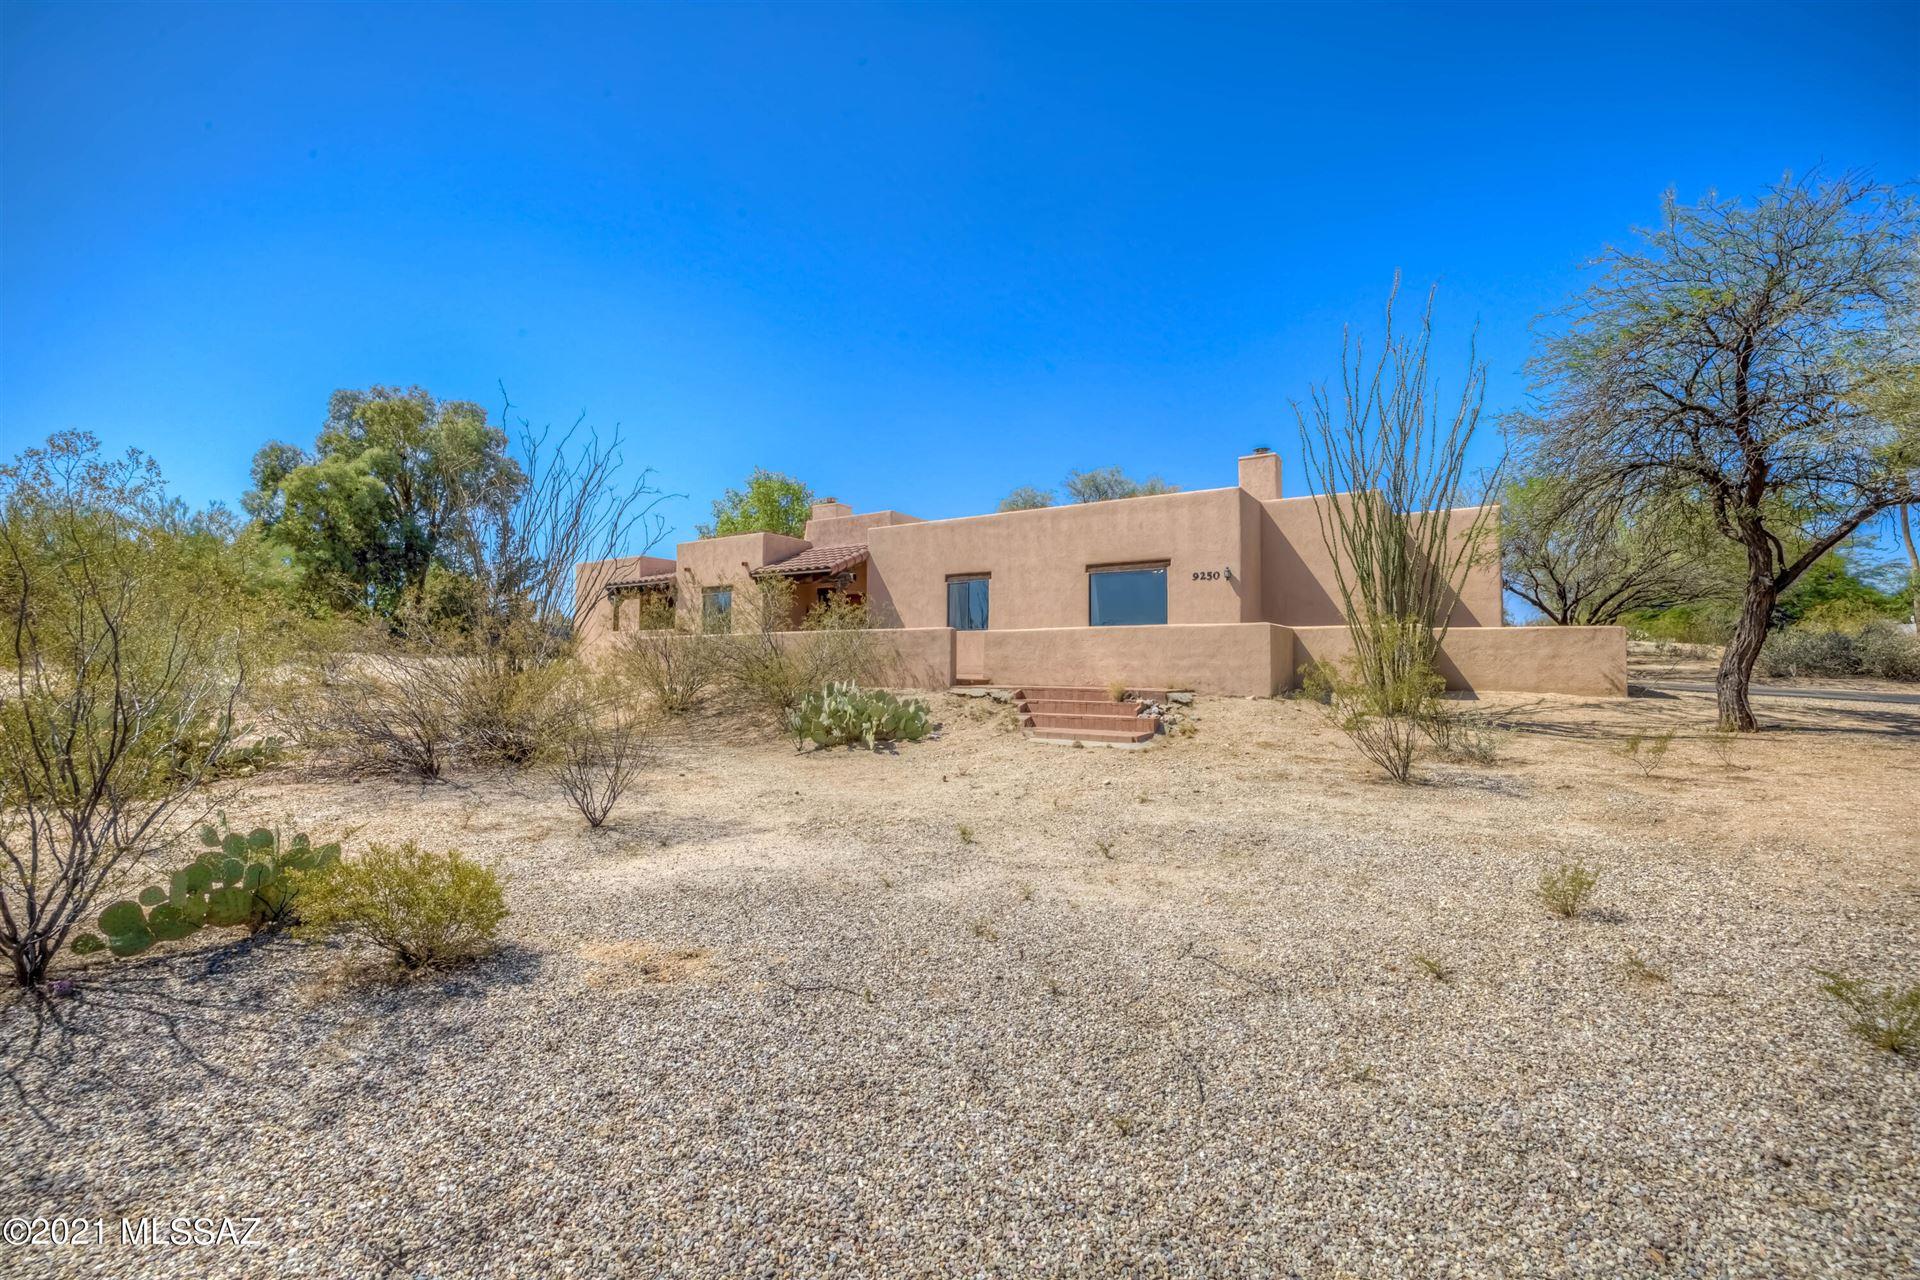 9250 E Charlotte Place, Tucson, AZ 85710 - MLS#: 22118043